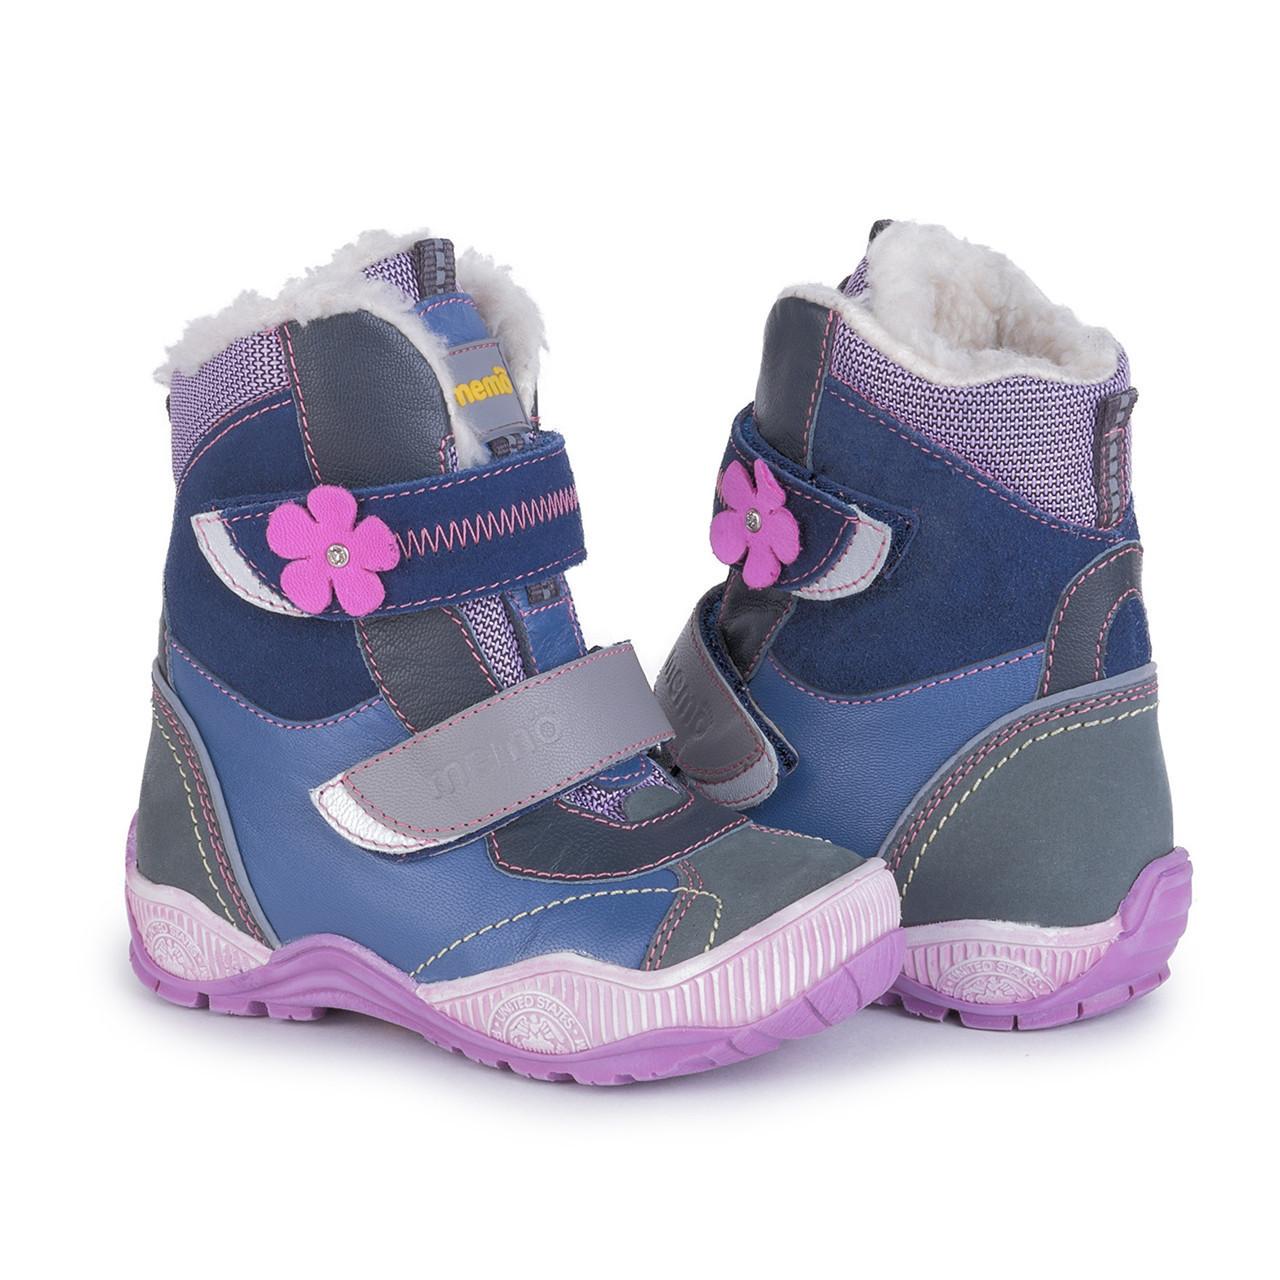 Memo Aspen 1JB - Зимние ортопедические ботинки для детей (фиолетовые) 22